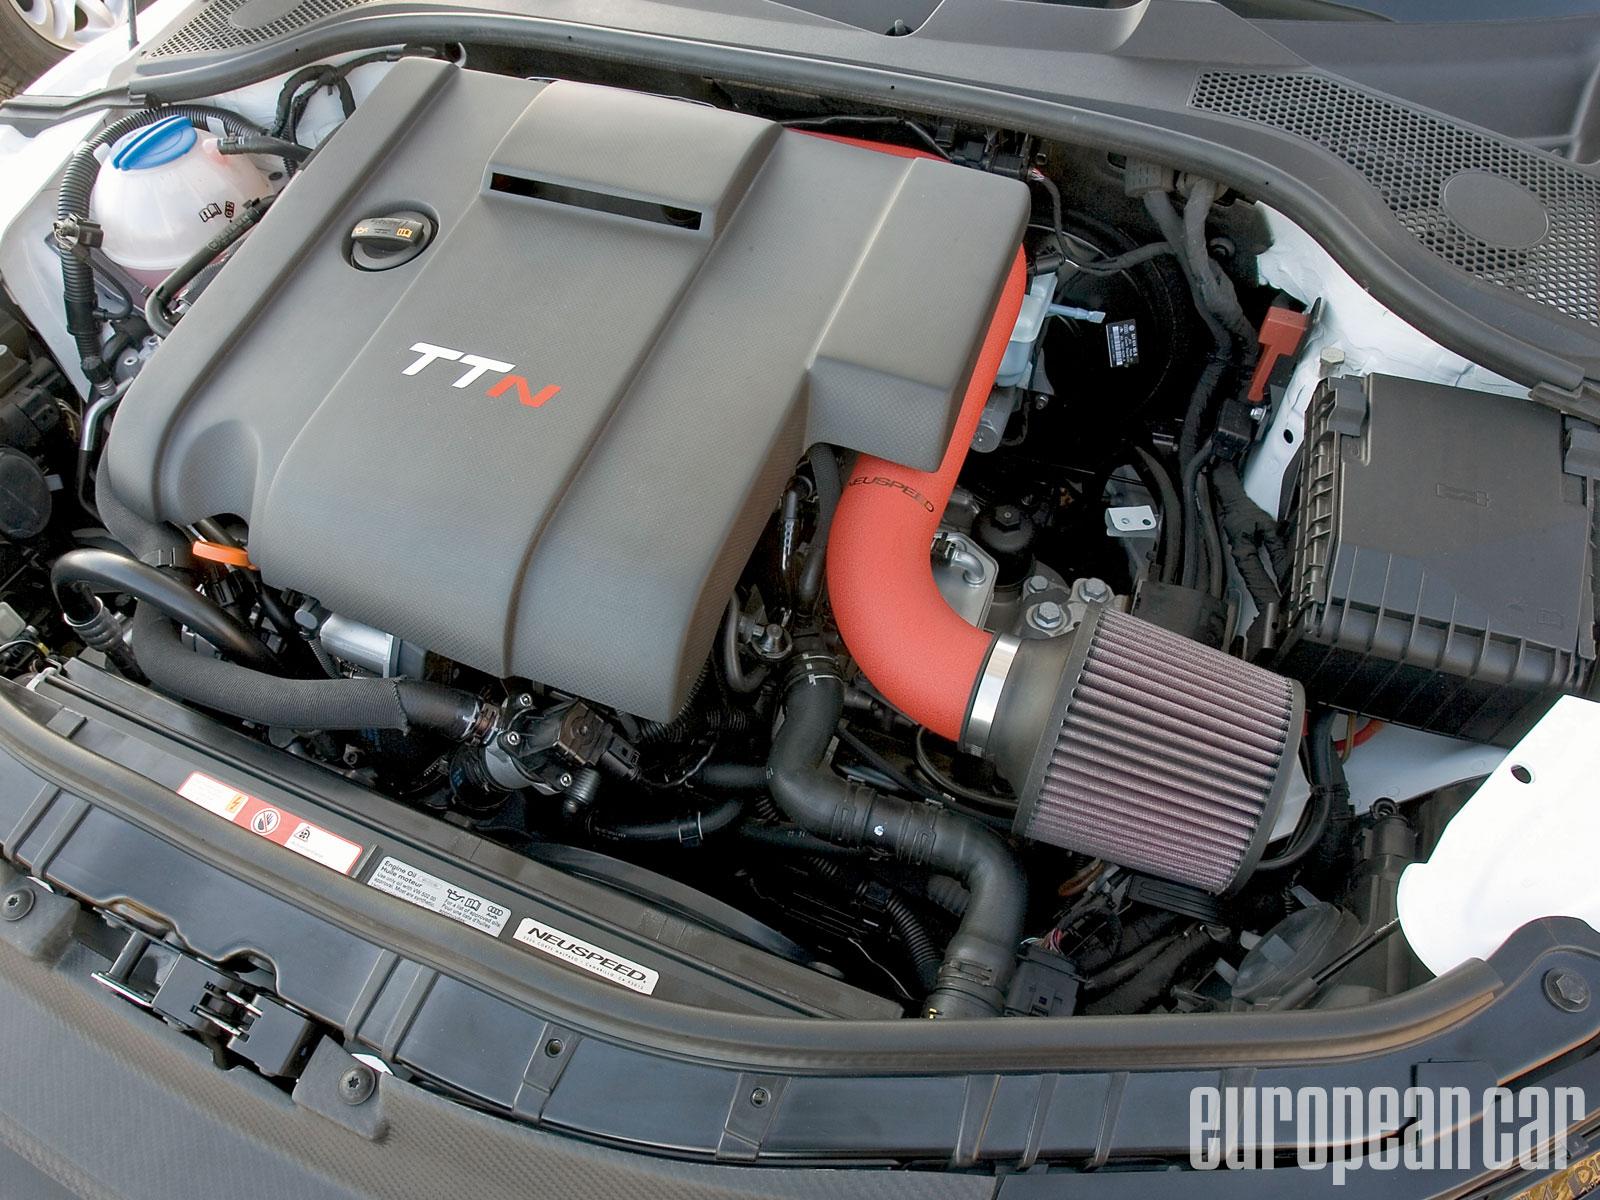 Neuspeed K04 Tuned Audi Tt Neubreed European Car Magazine